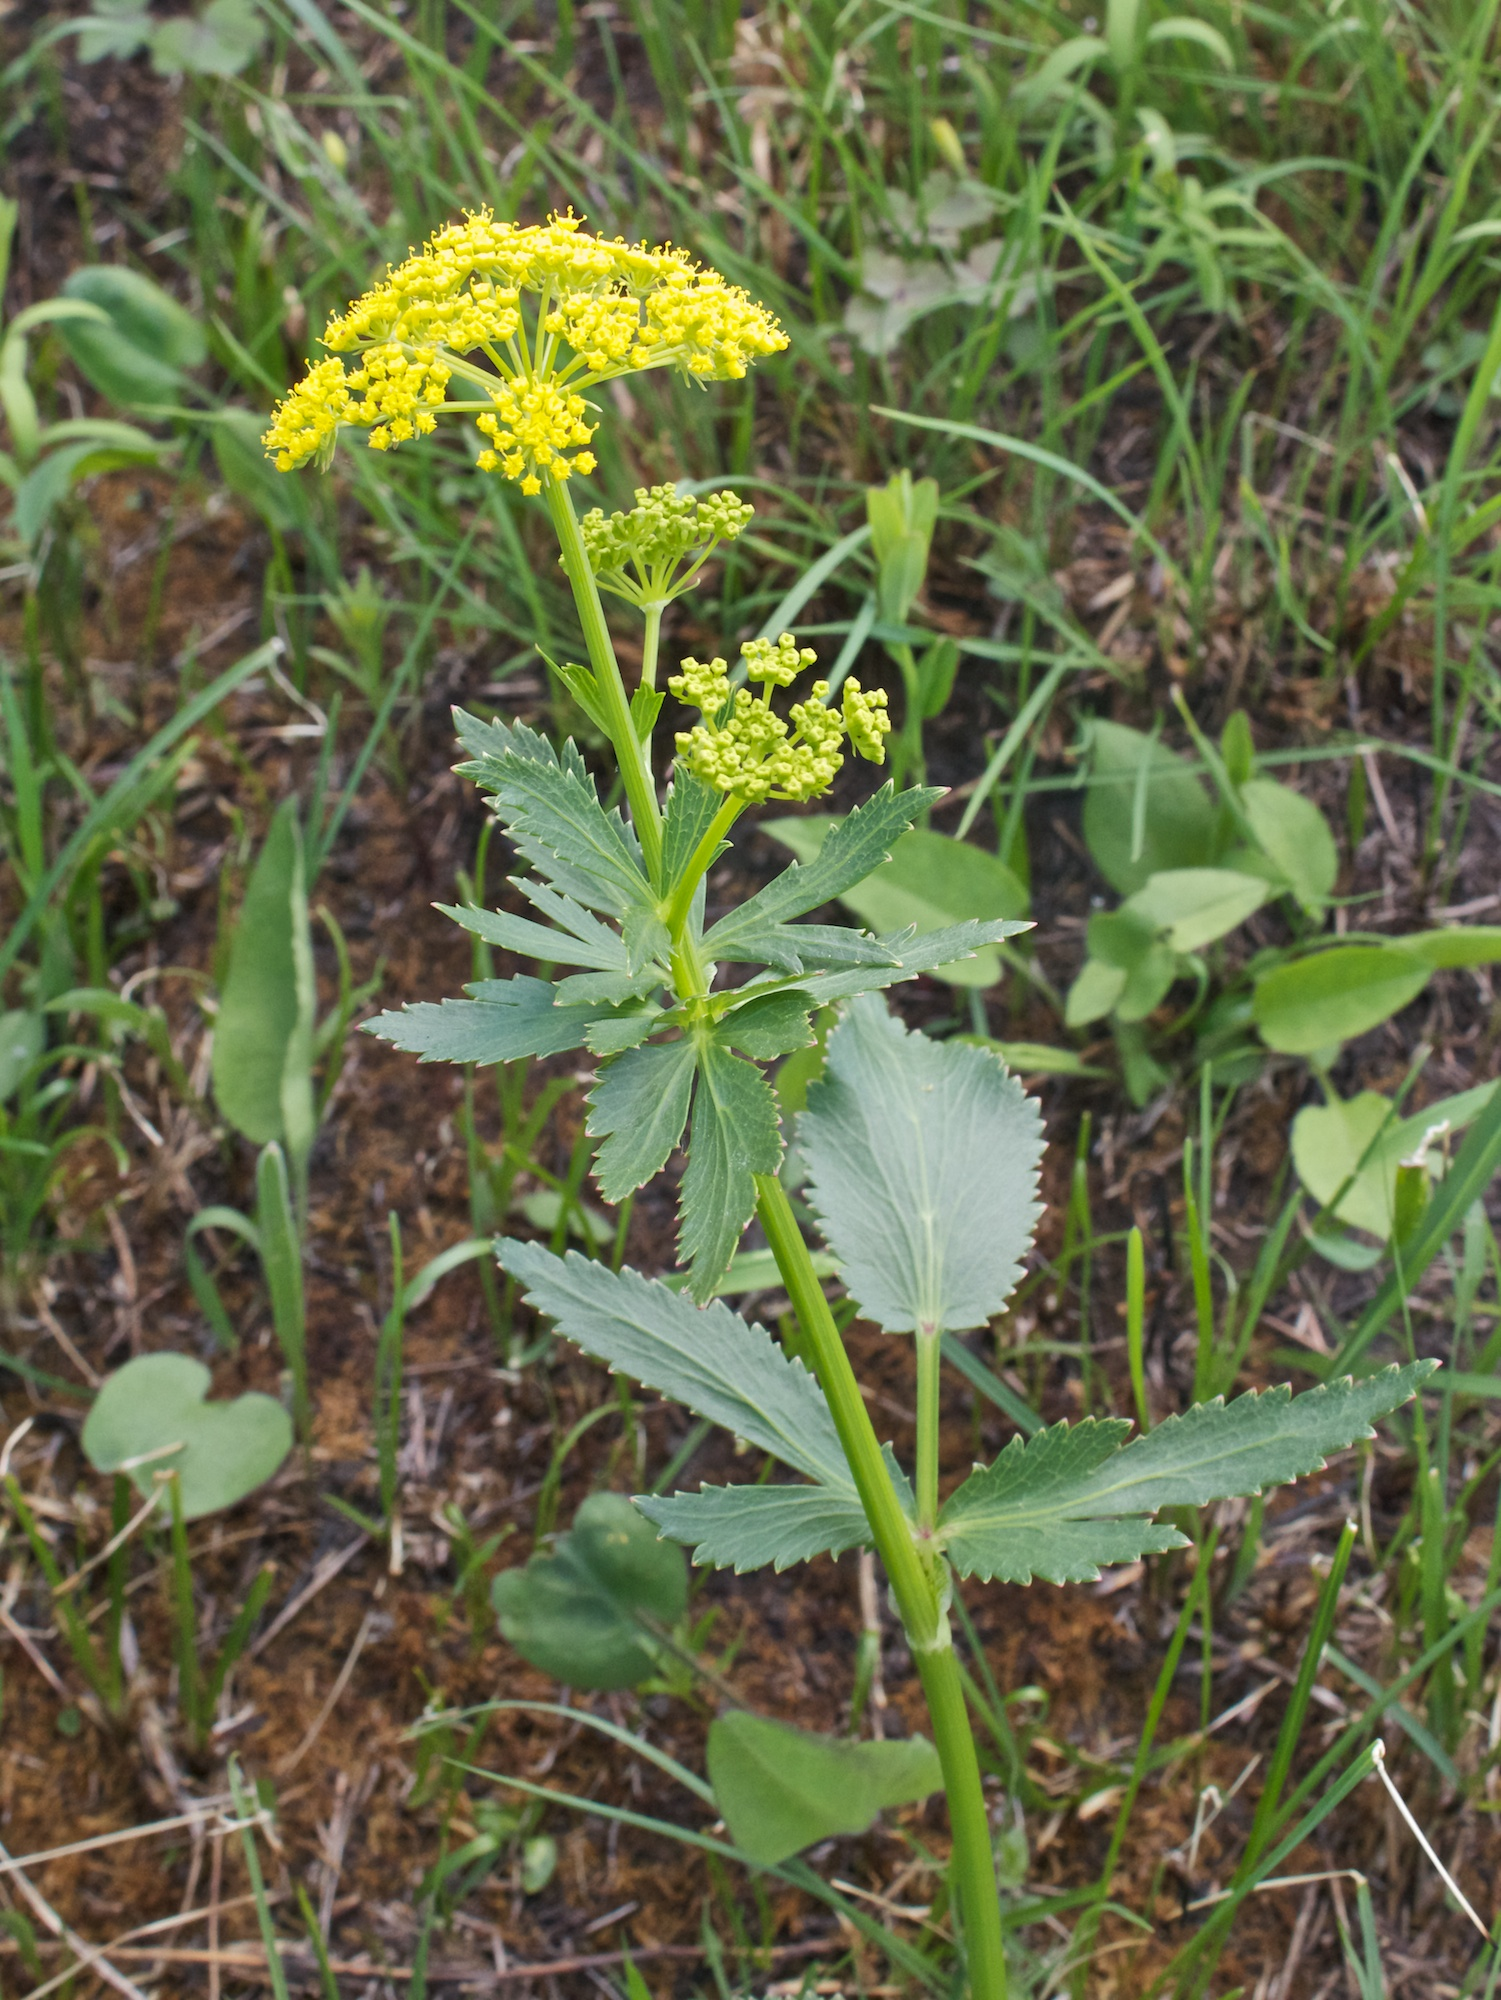 Wild parsnip (Pastinaca sativa) plant in situ